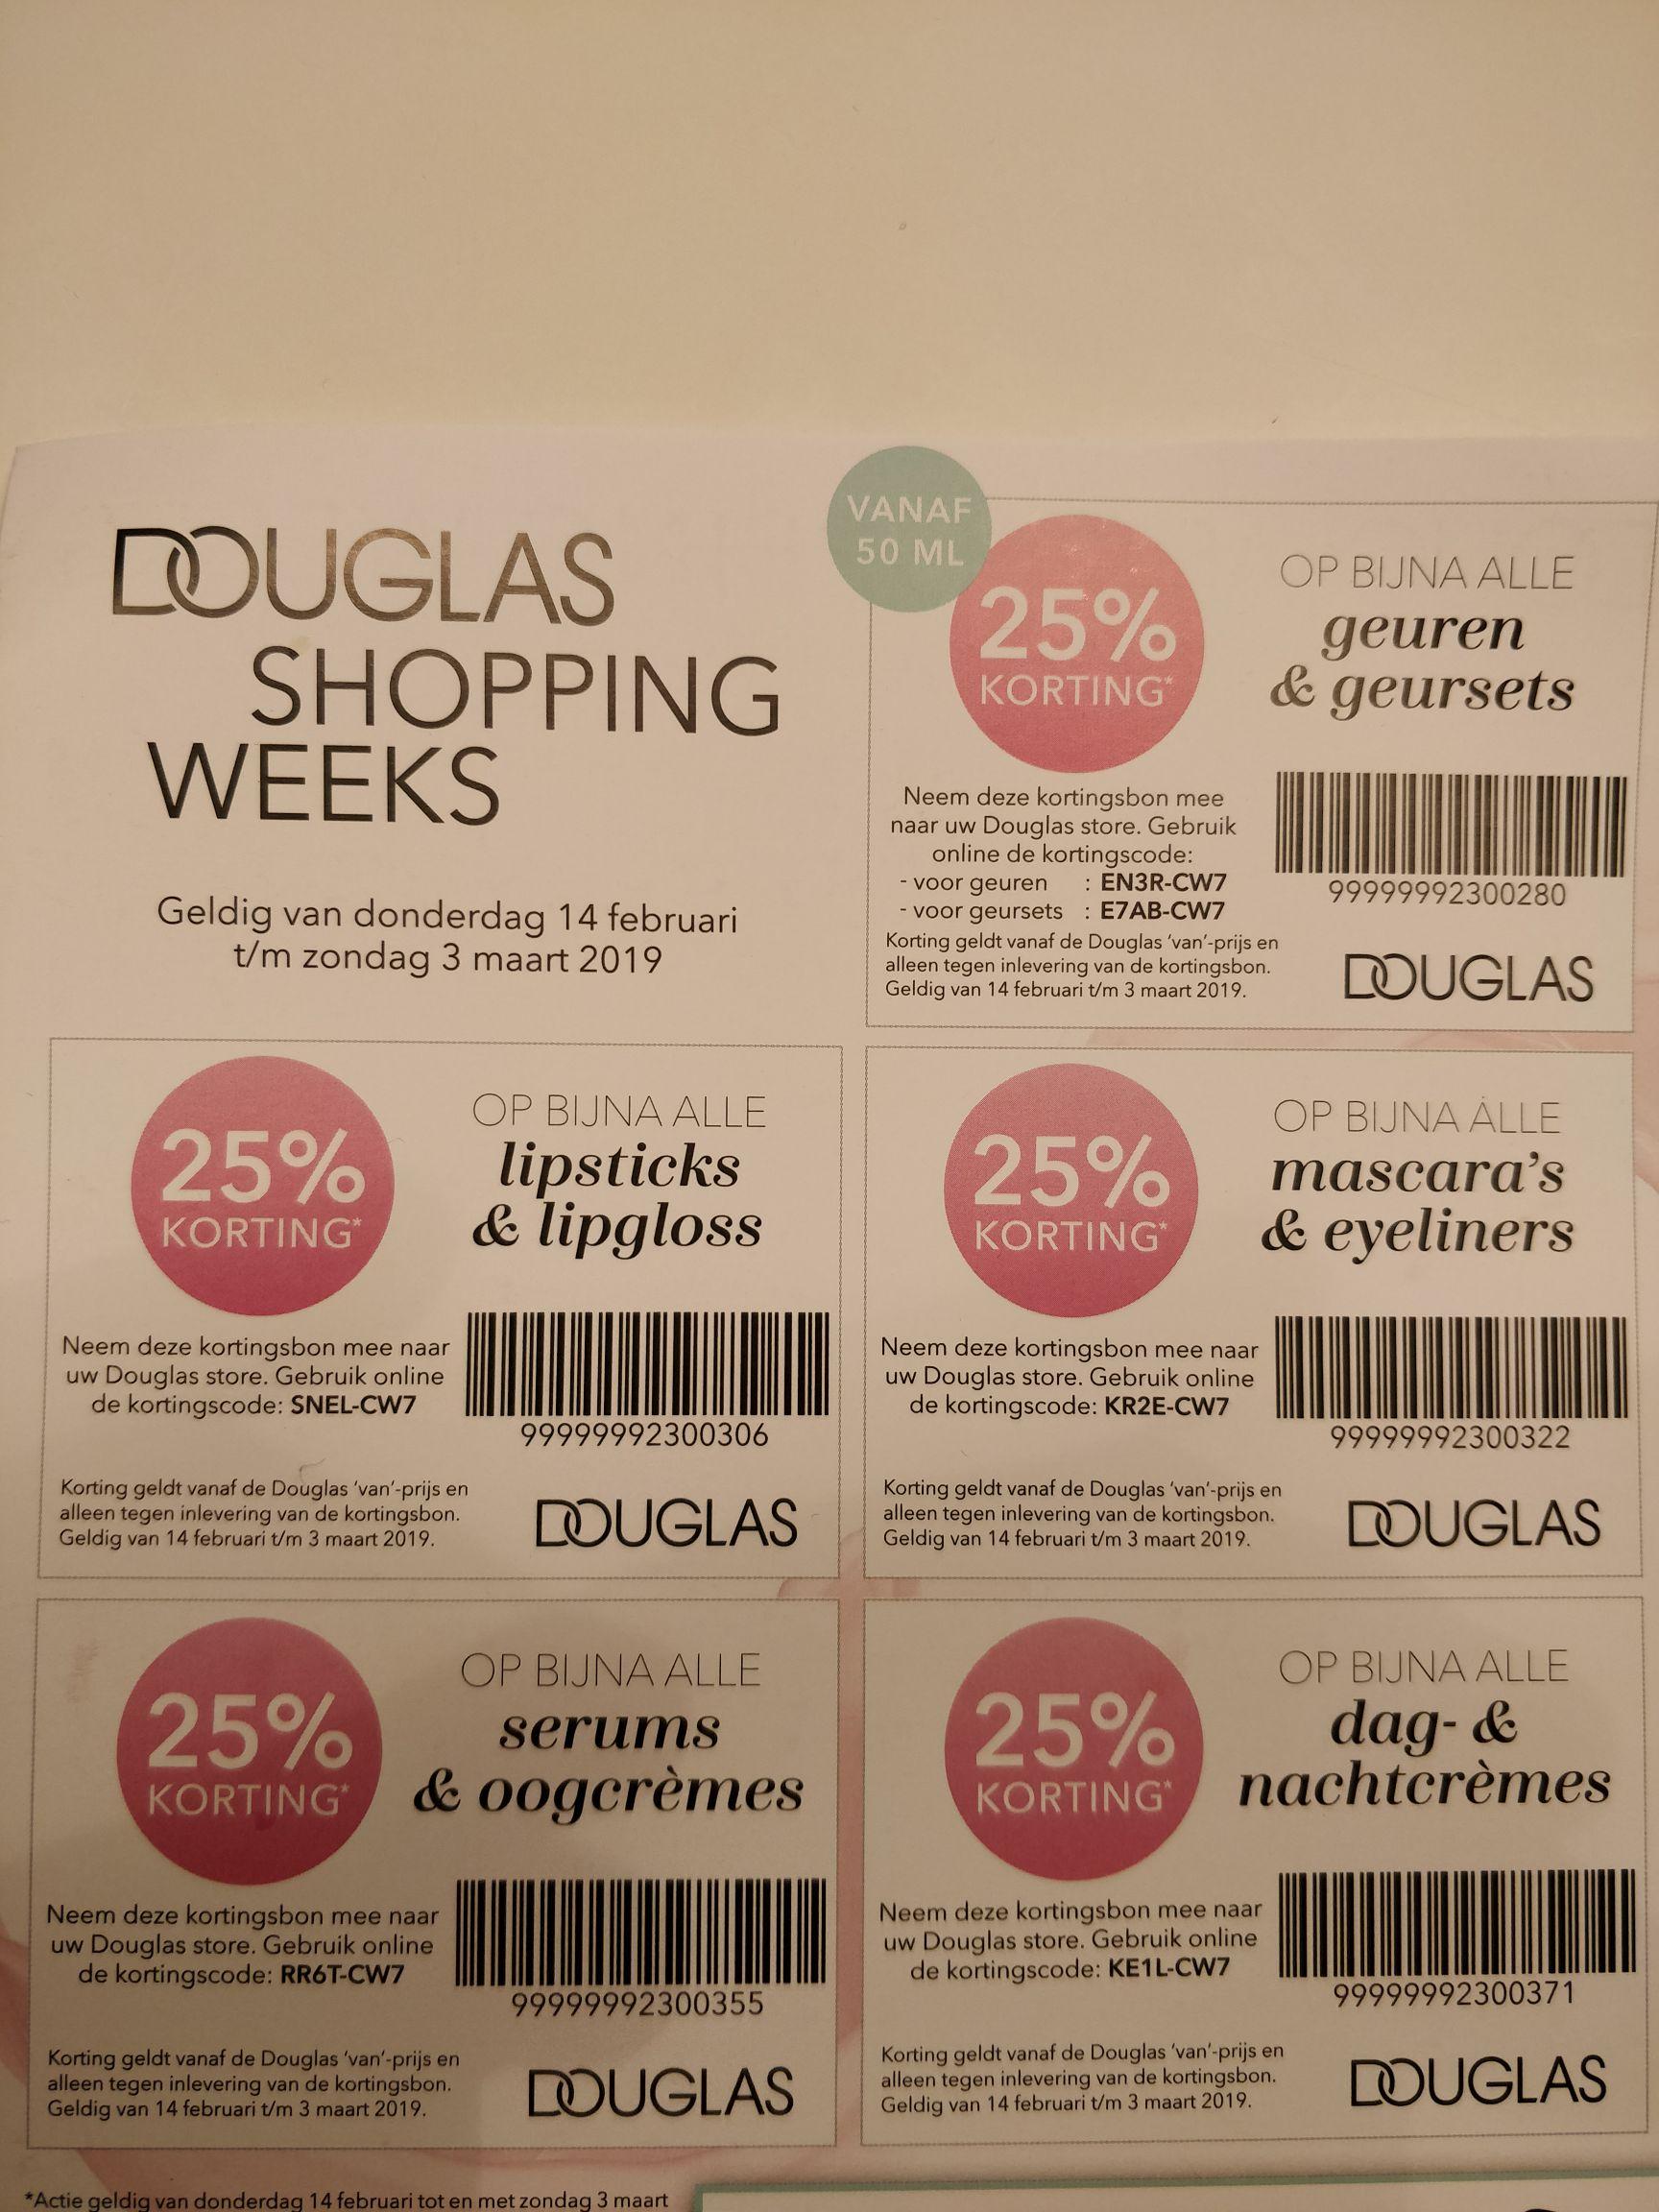 Douglas Shopping Weeks 25% korting